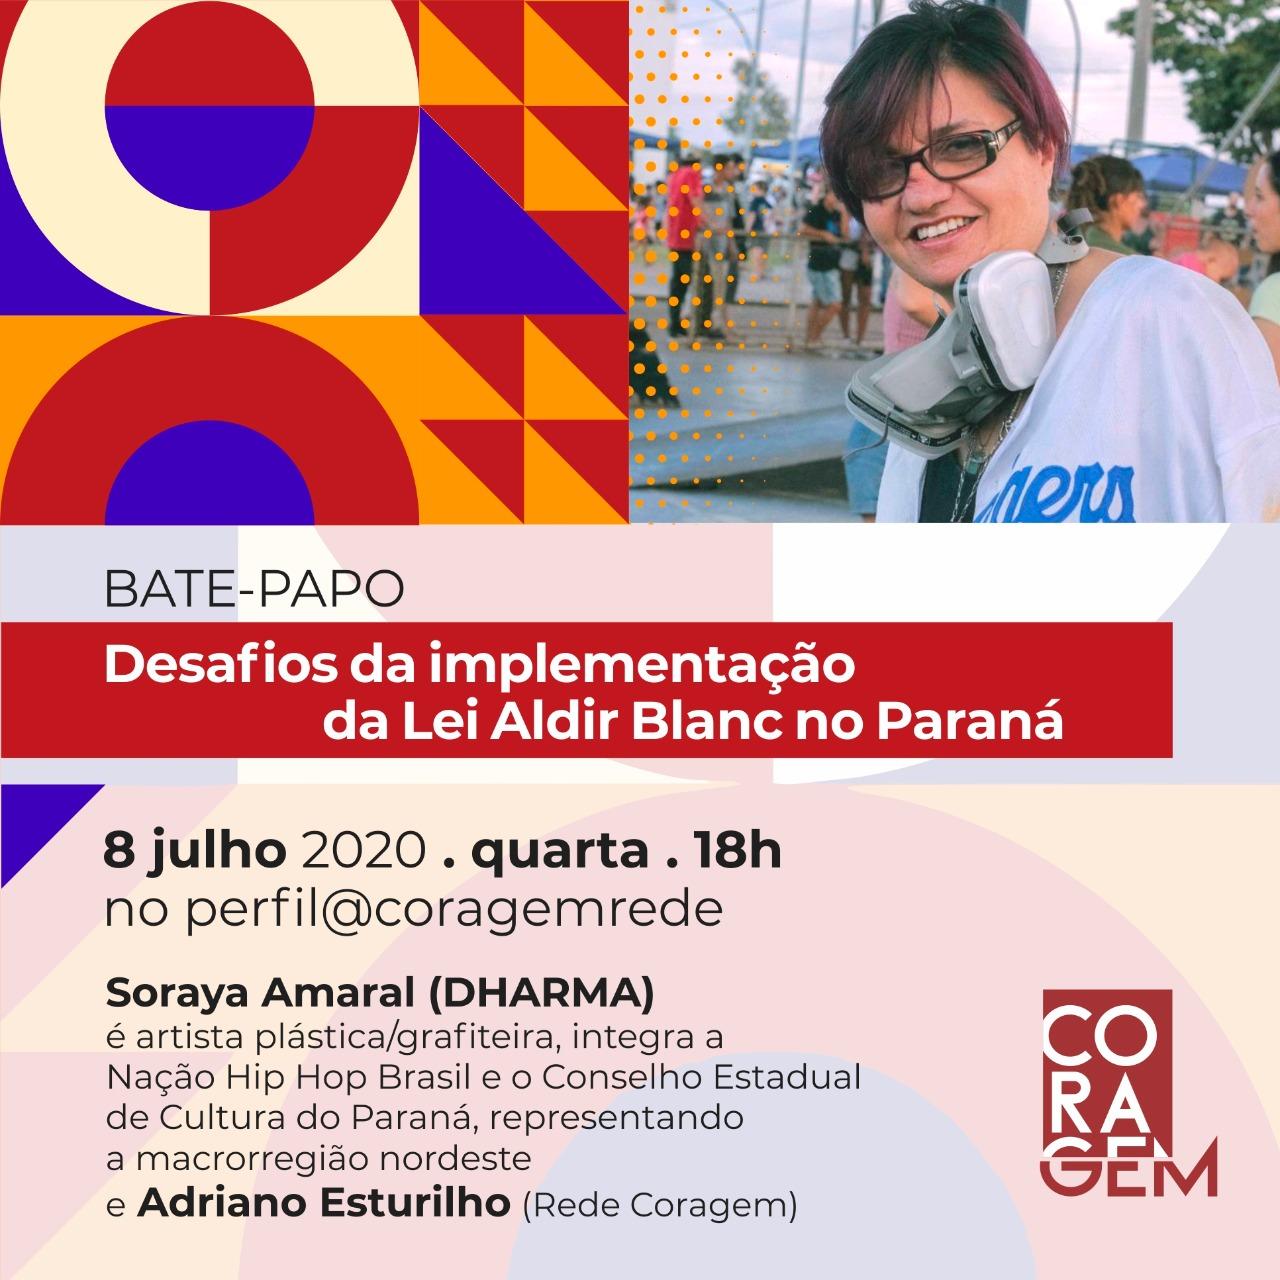 Lei Aldir Blanc: desafios da implementação no Paraná